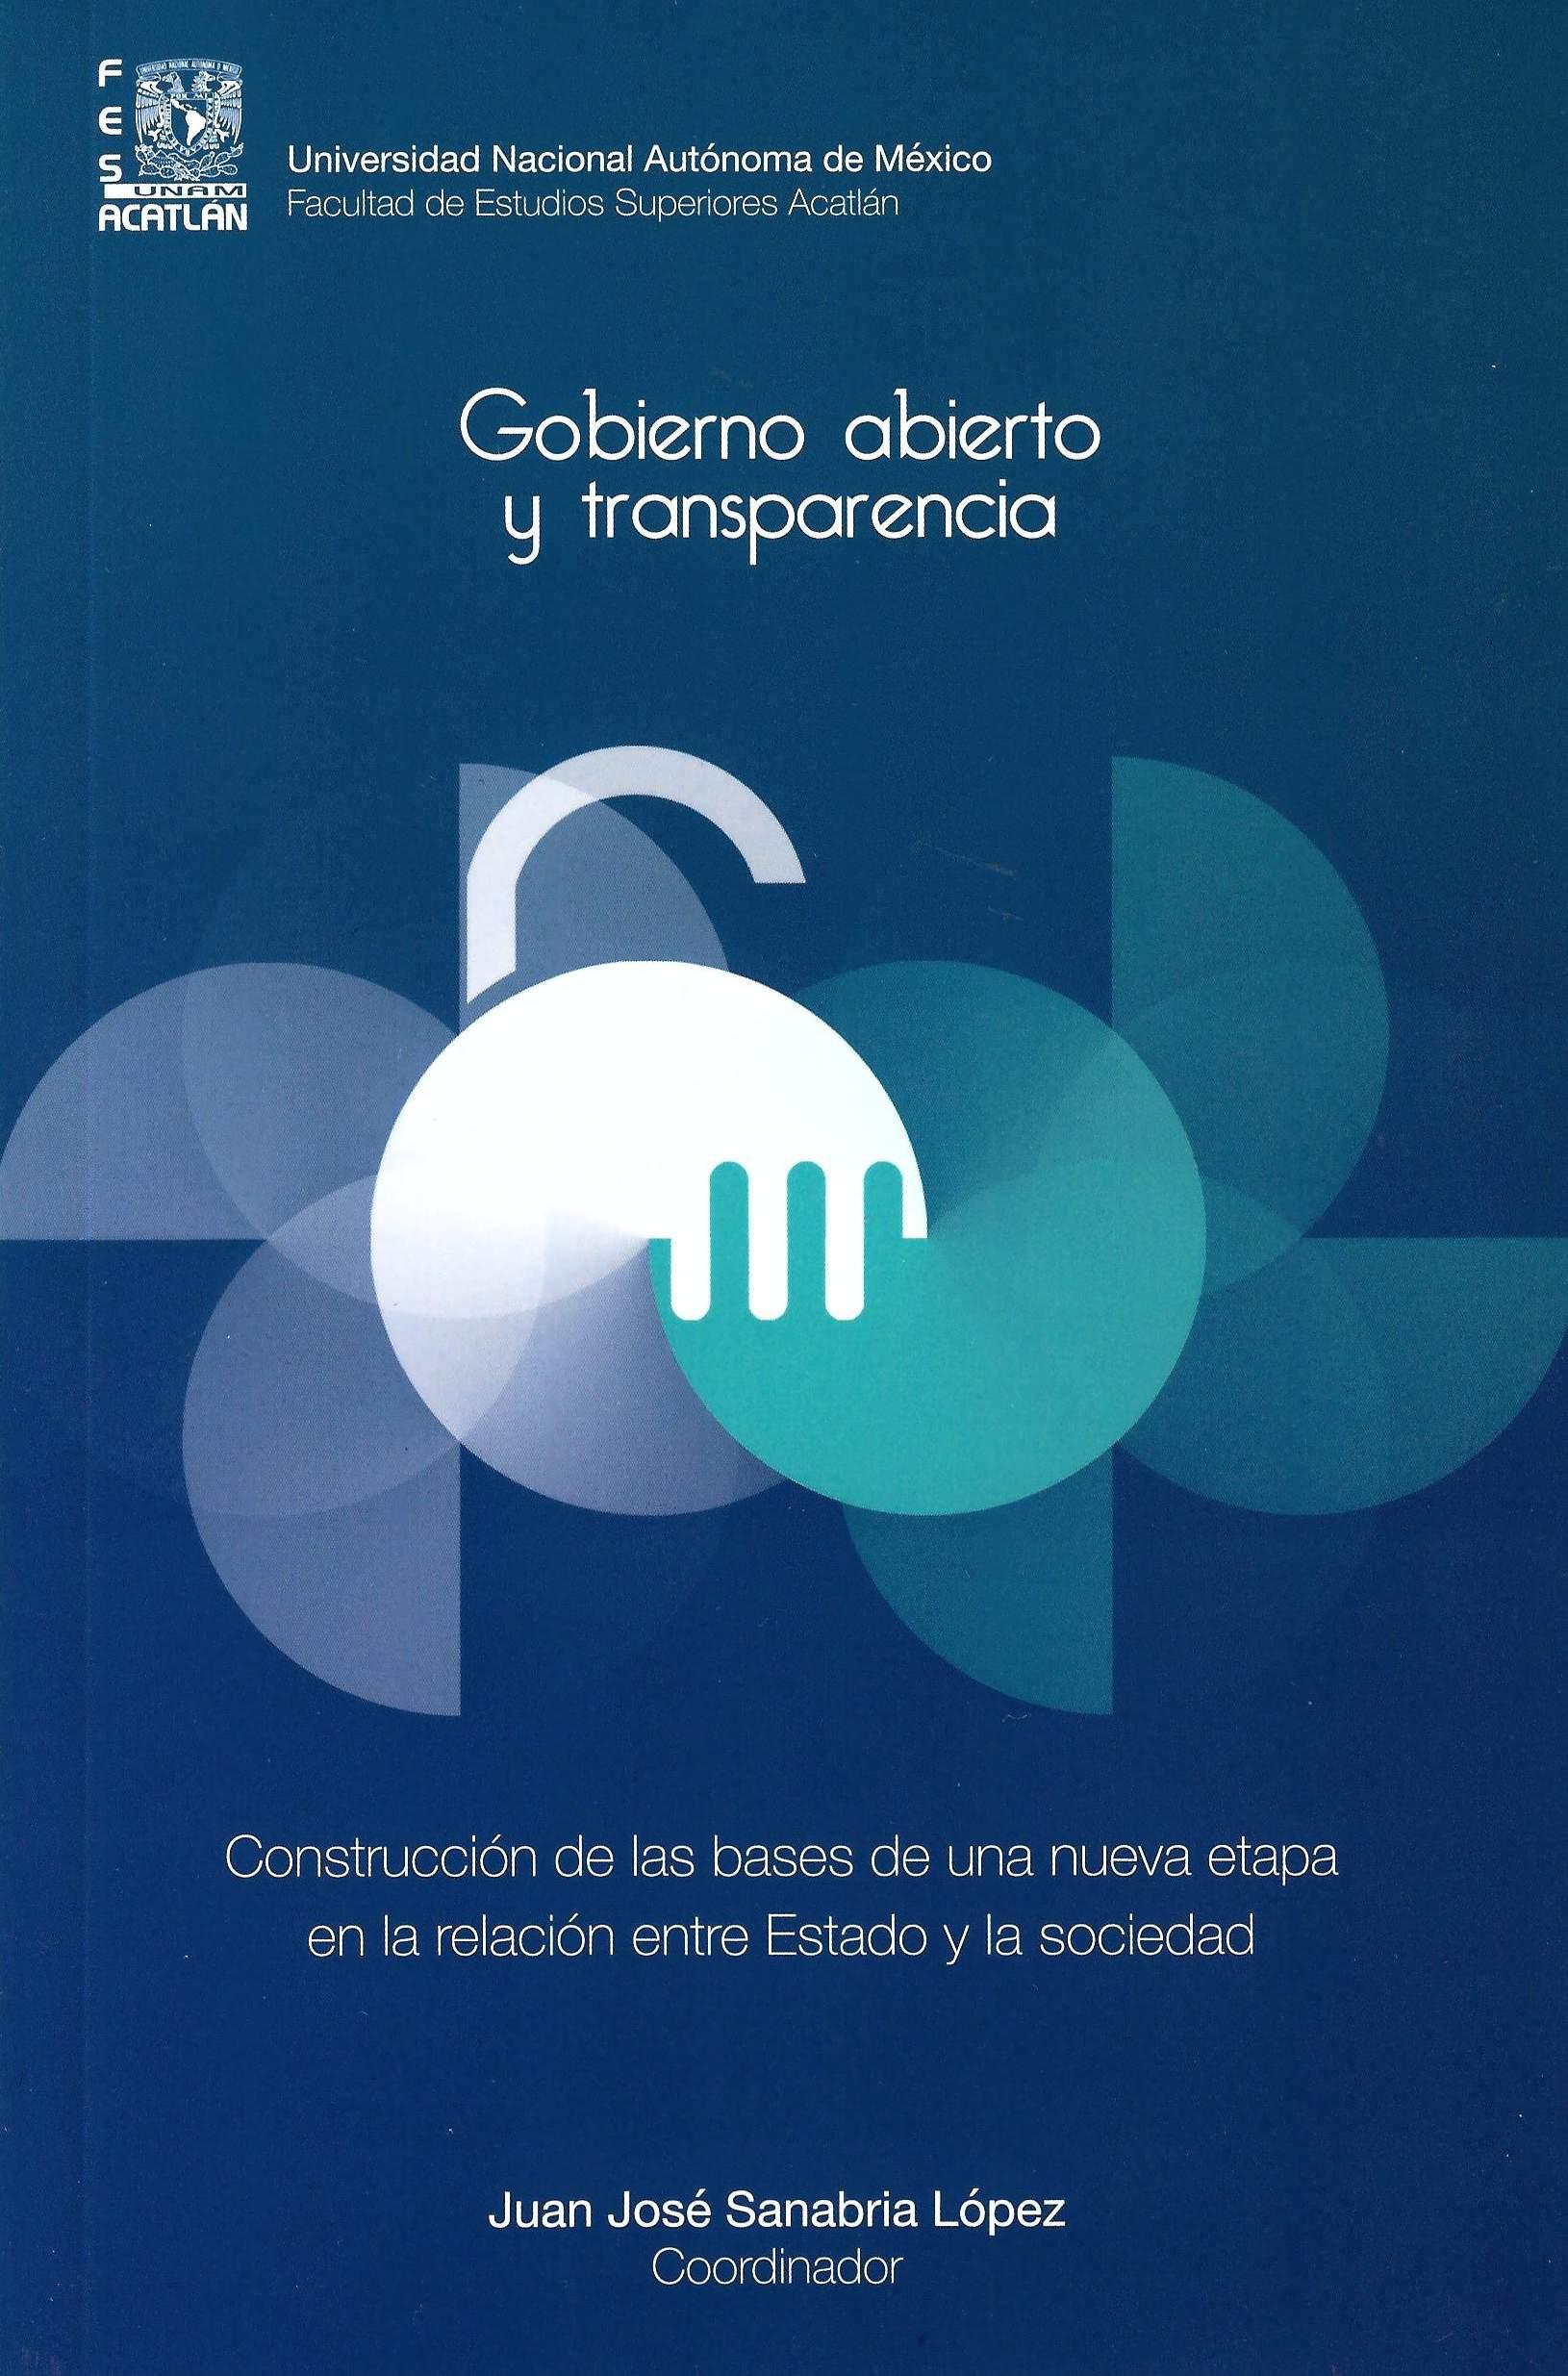 Gobierno abierto y transparencia. Construcción de las bases de una nueva etapa en la relación entre Estado y la sociedad